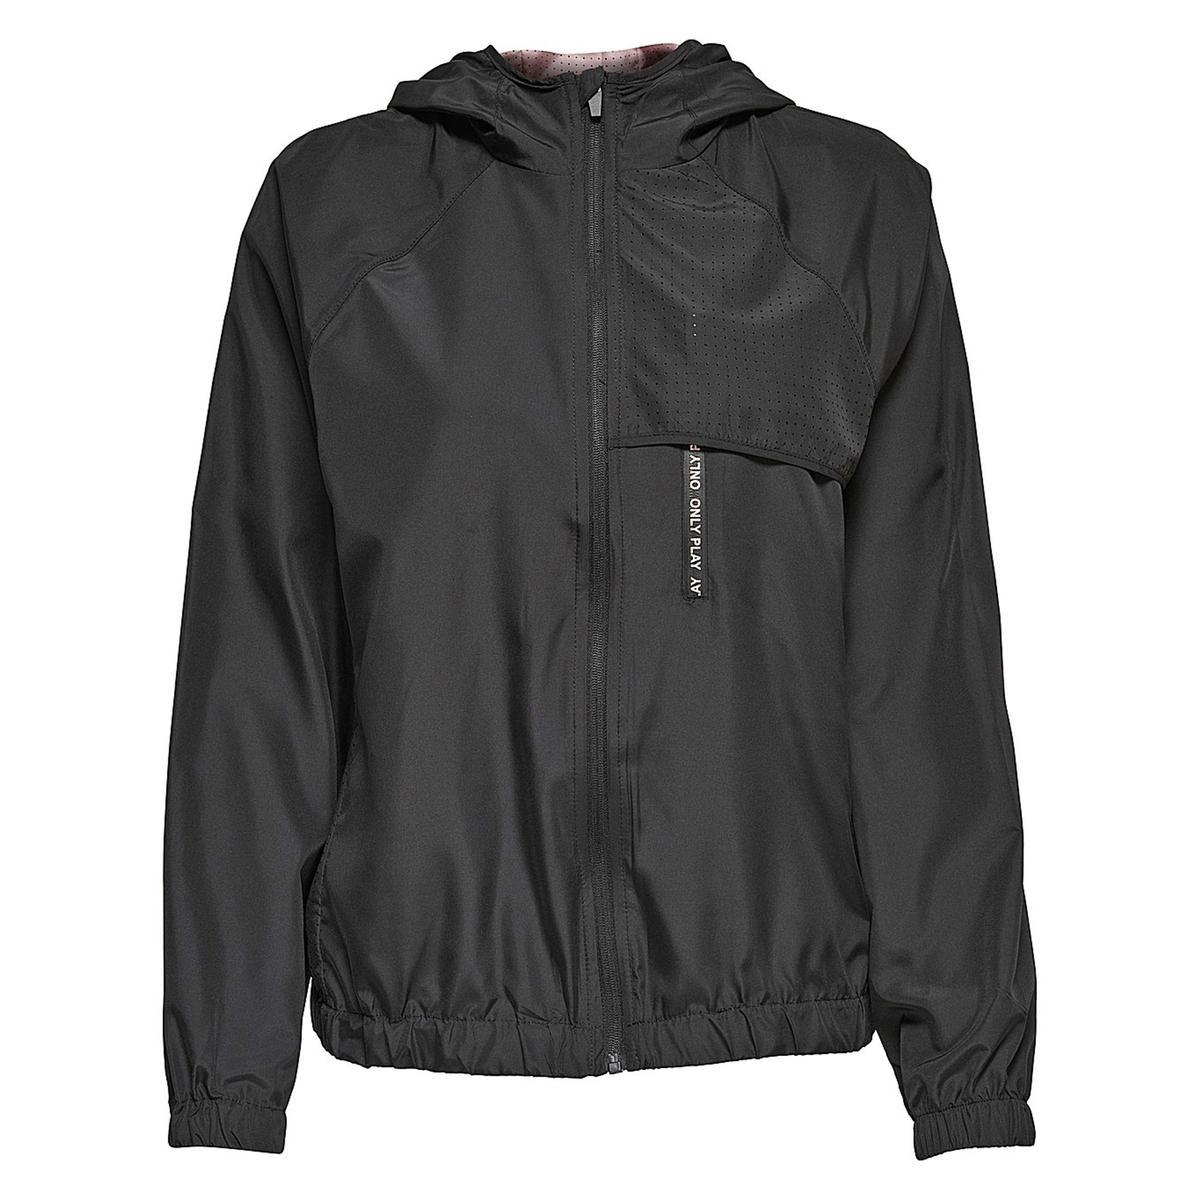 Куртка-ветровкаОписание:Детали •  Длина  : укороченная   •  Капюшон  •  Застежка на молниюСостав и уход •  100% полиэстер •  Следуйте рекомендациям по уходу, указанным на этикетке изделия<br><br>Цвет: розовый,черный<br>Размер: M.S.S.XS